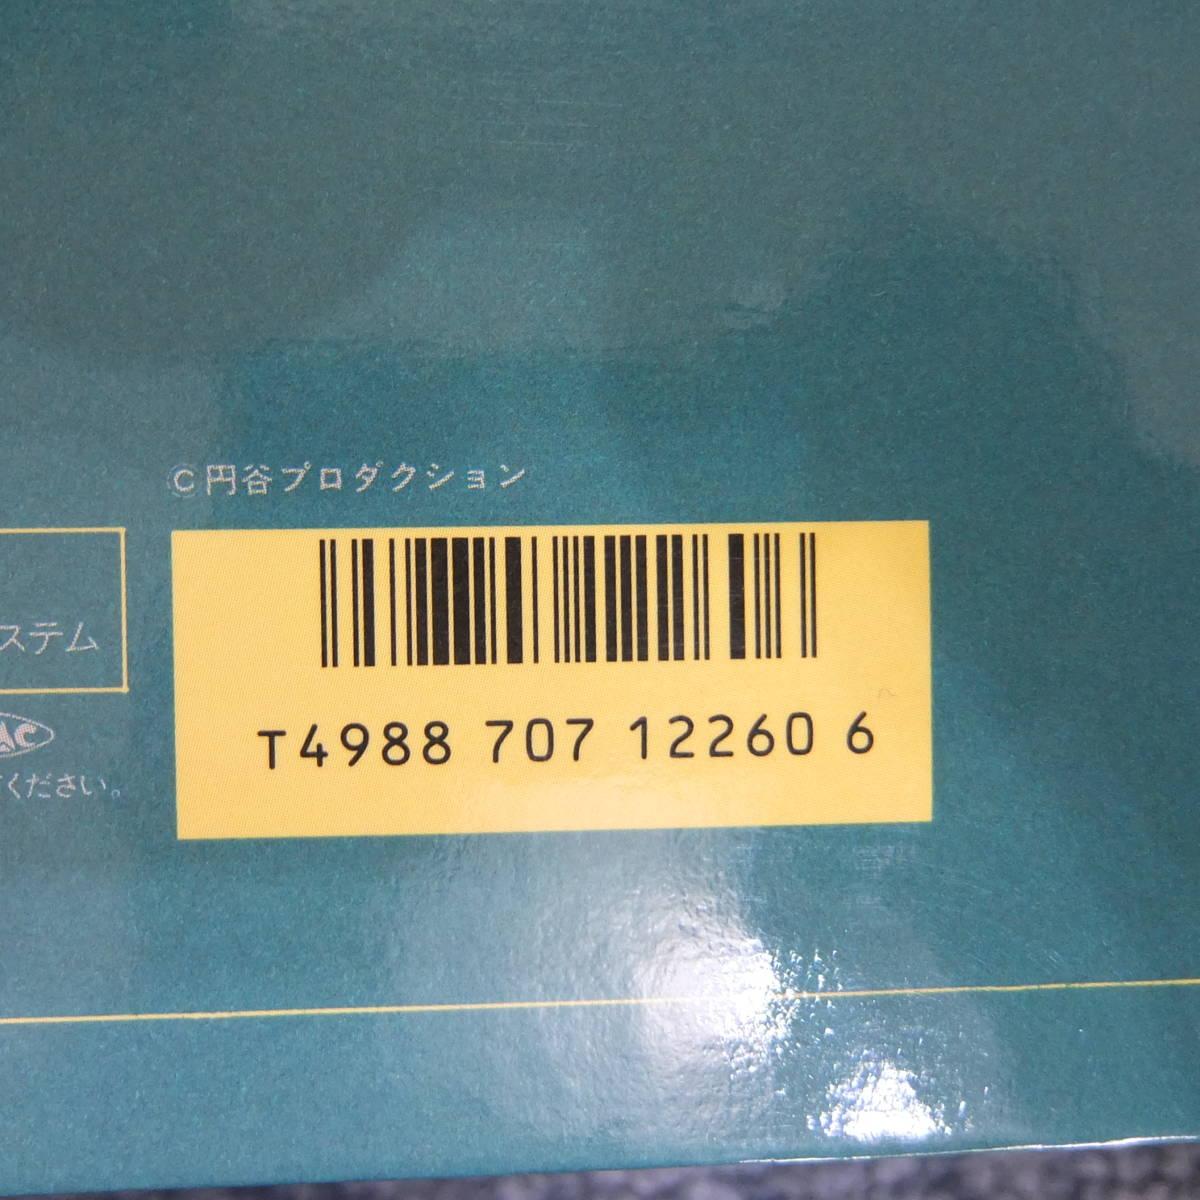 【 LD / レーザーディスク 】 快獣ブースカ  LD-BOX  「チャメゴン誕生の巻」 円谷プロ30周年記念_画像9